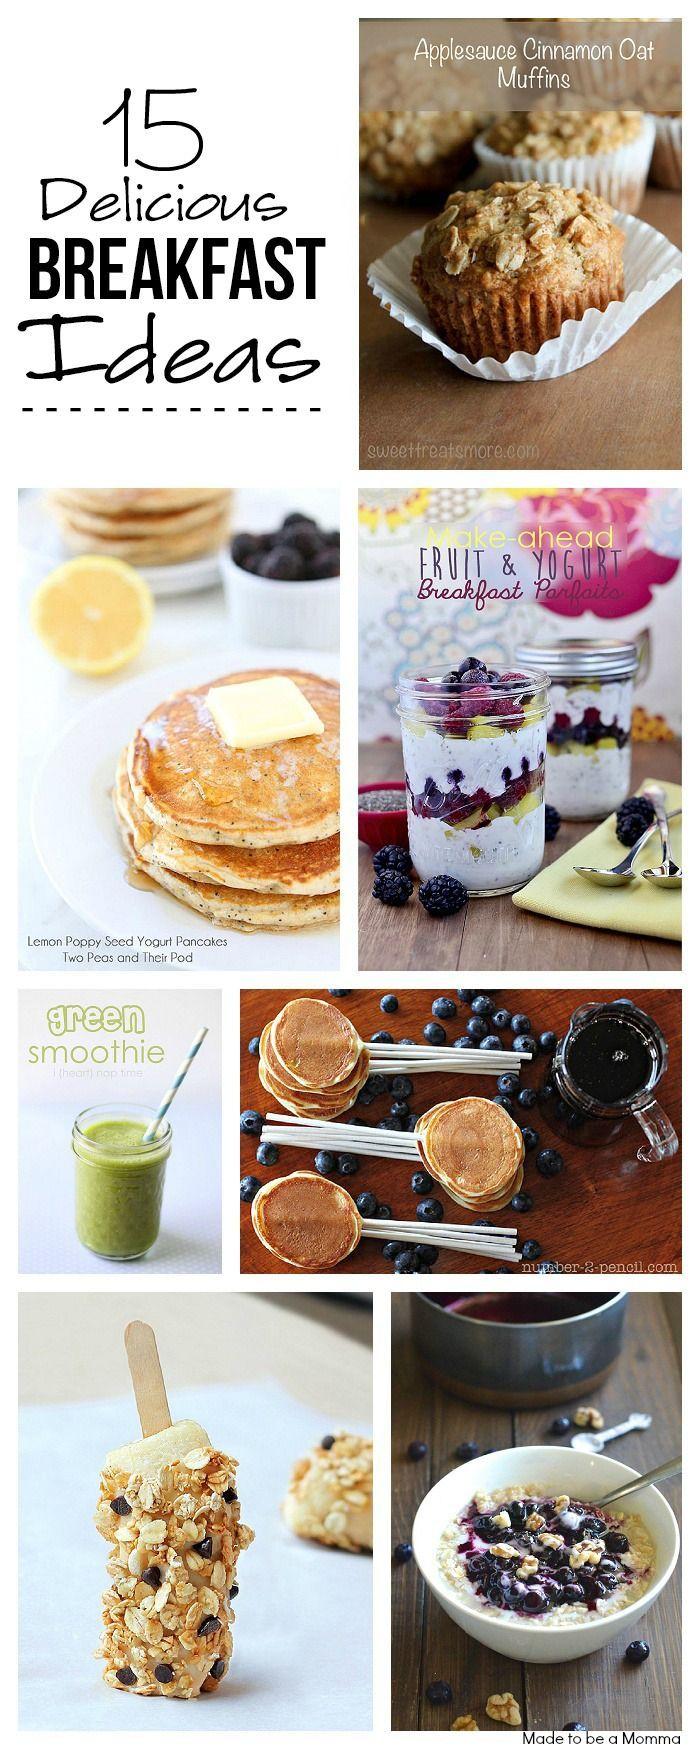 15 Delicious Breakfast Ideas